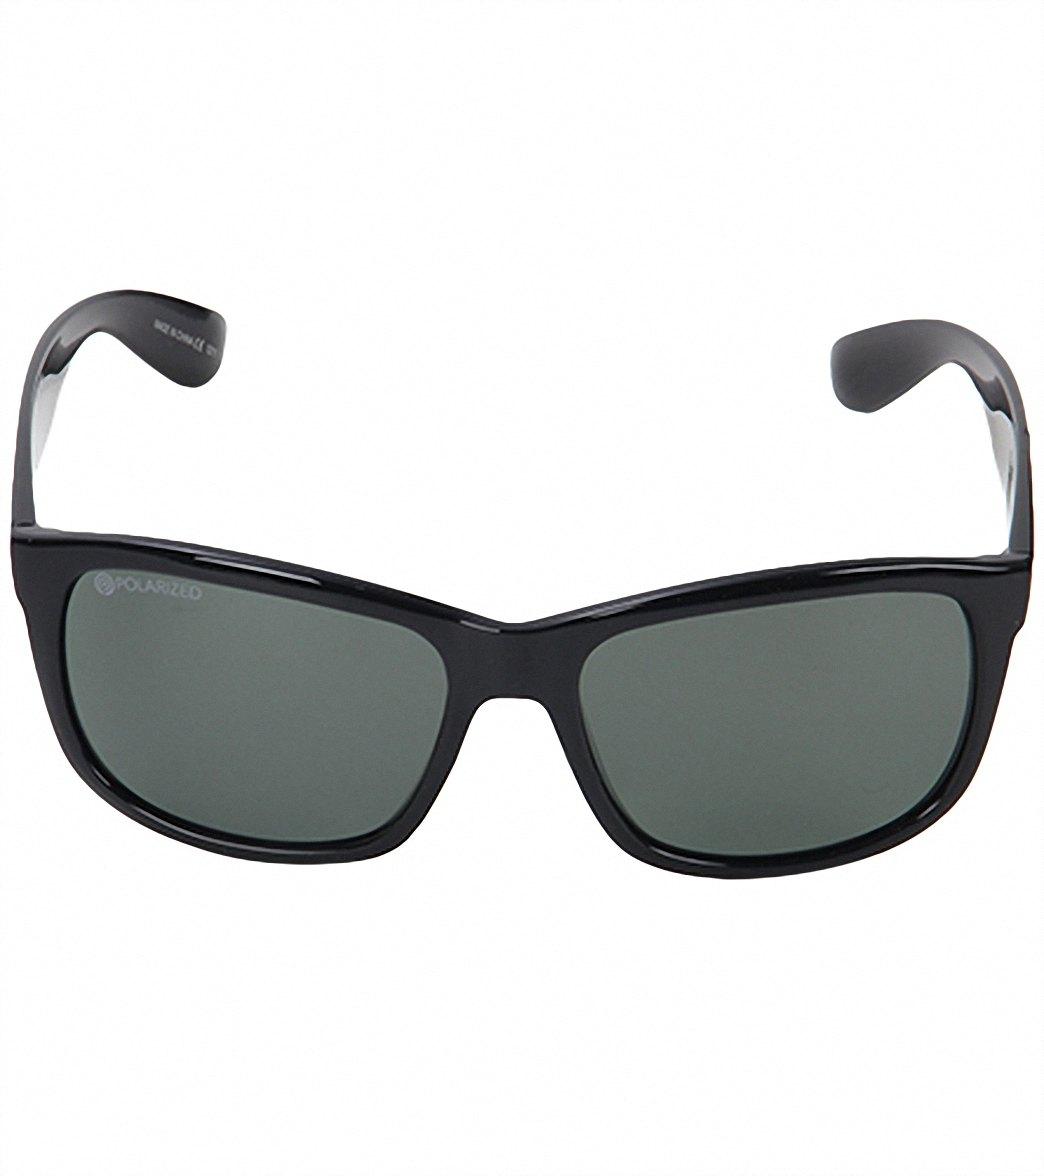 5c38a33919 Dot Dash Poseur Polarized Sunglasses at SwimOutlet.com